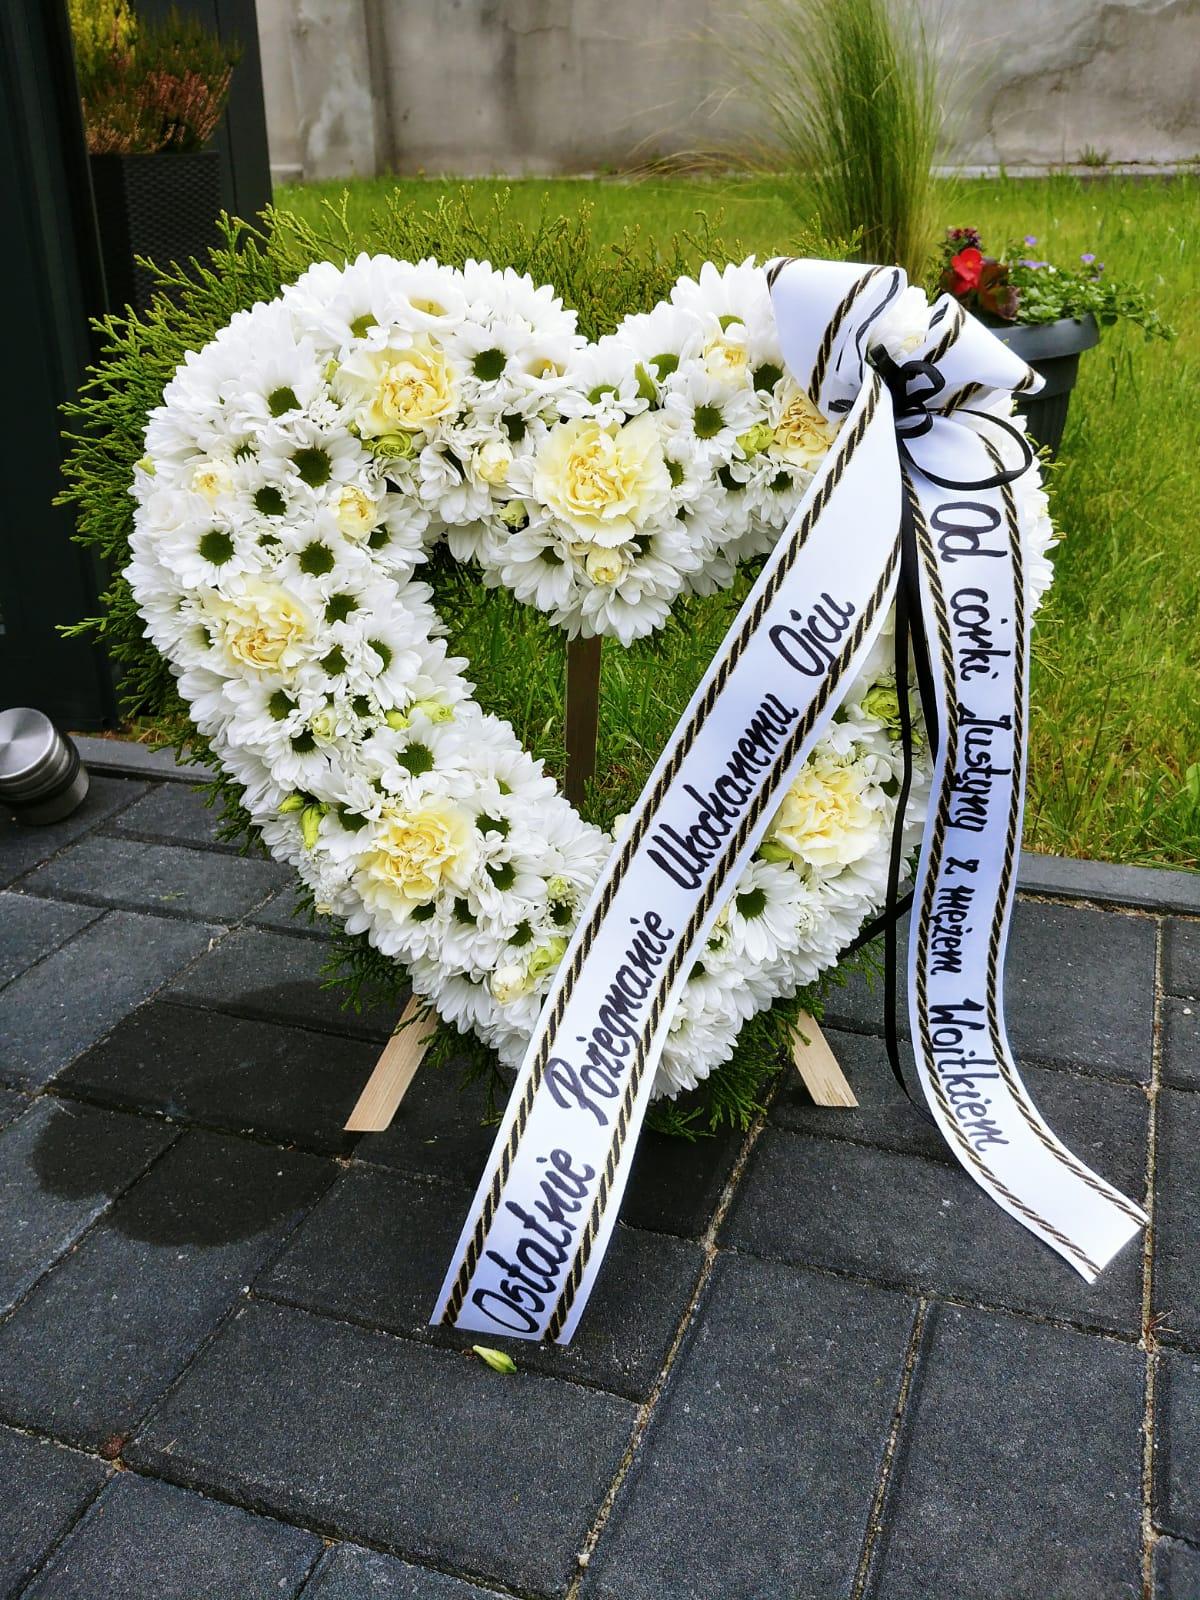 Jakie Kwiaty Na Pogrzeb Pogrzeb Dziecka Osoby Starszej Kobiety Czy Mezczyzny Zaklad Pogrzebowy Dom Pogrzebowy Jozef